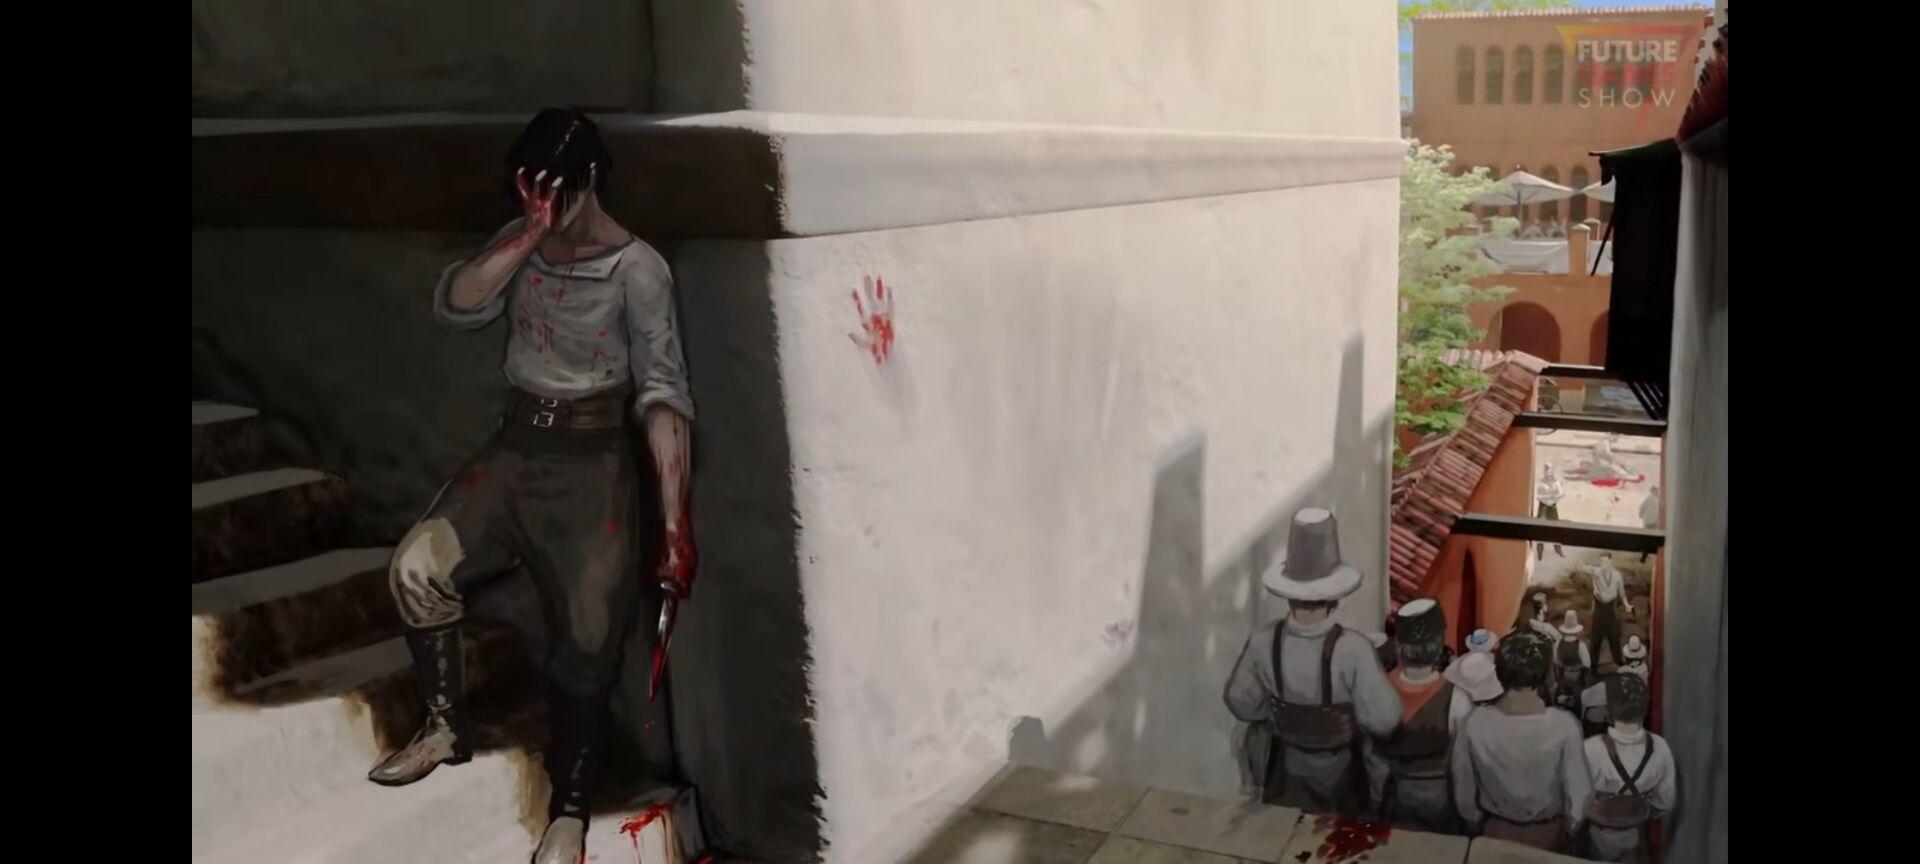 《夏洛克·福尔摩斯:第一章》 2021年发售